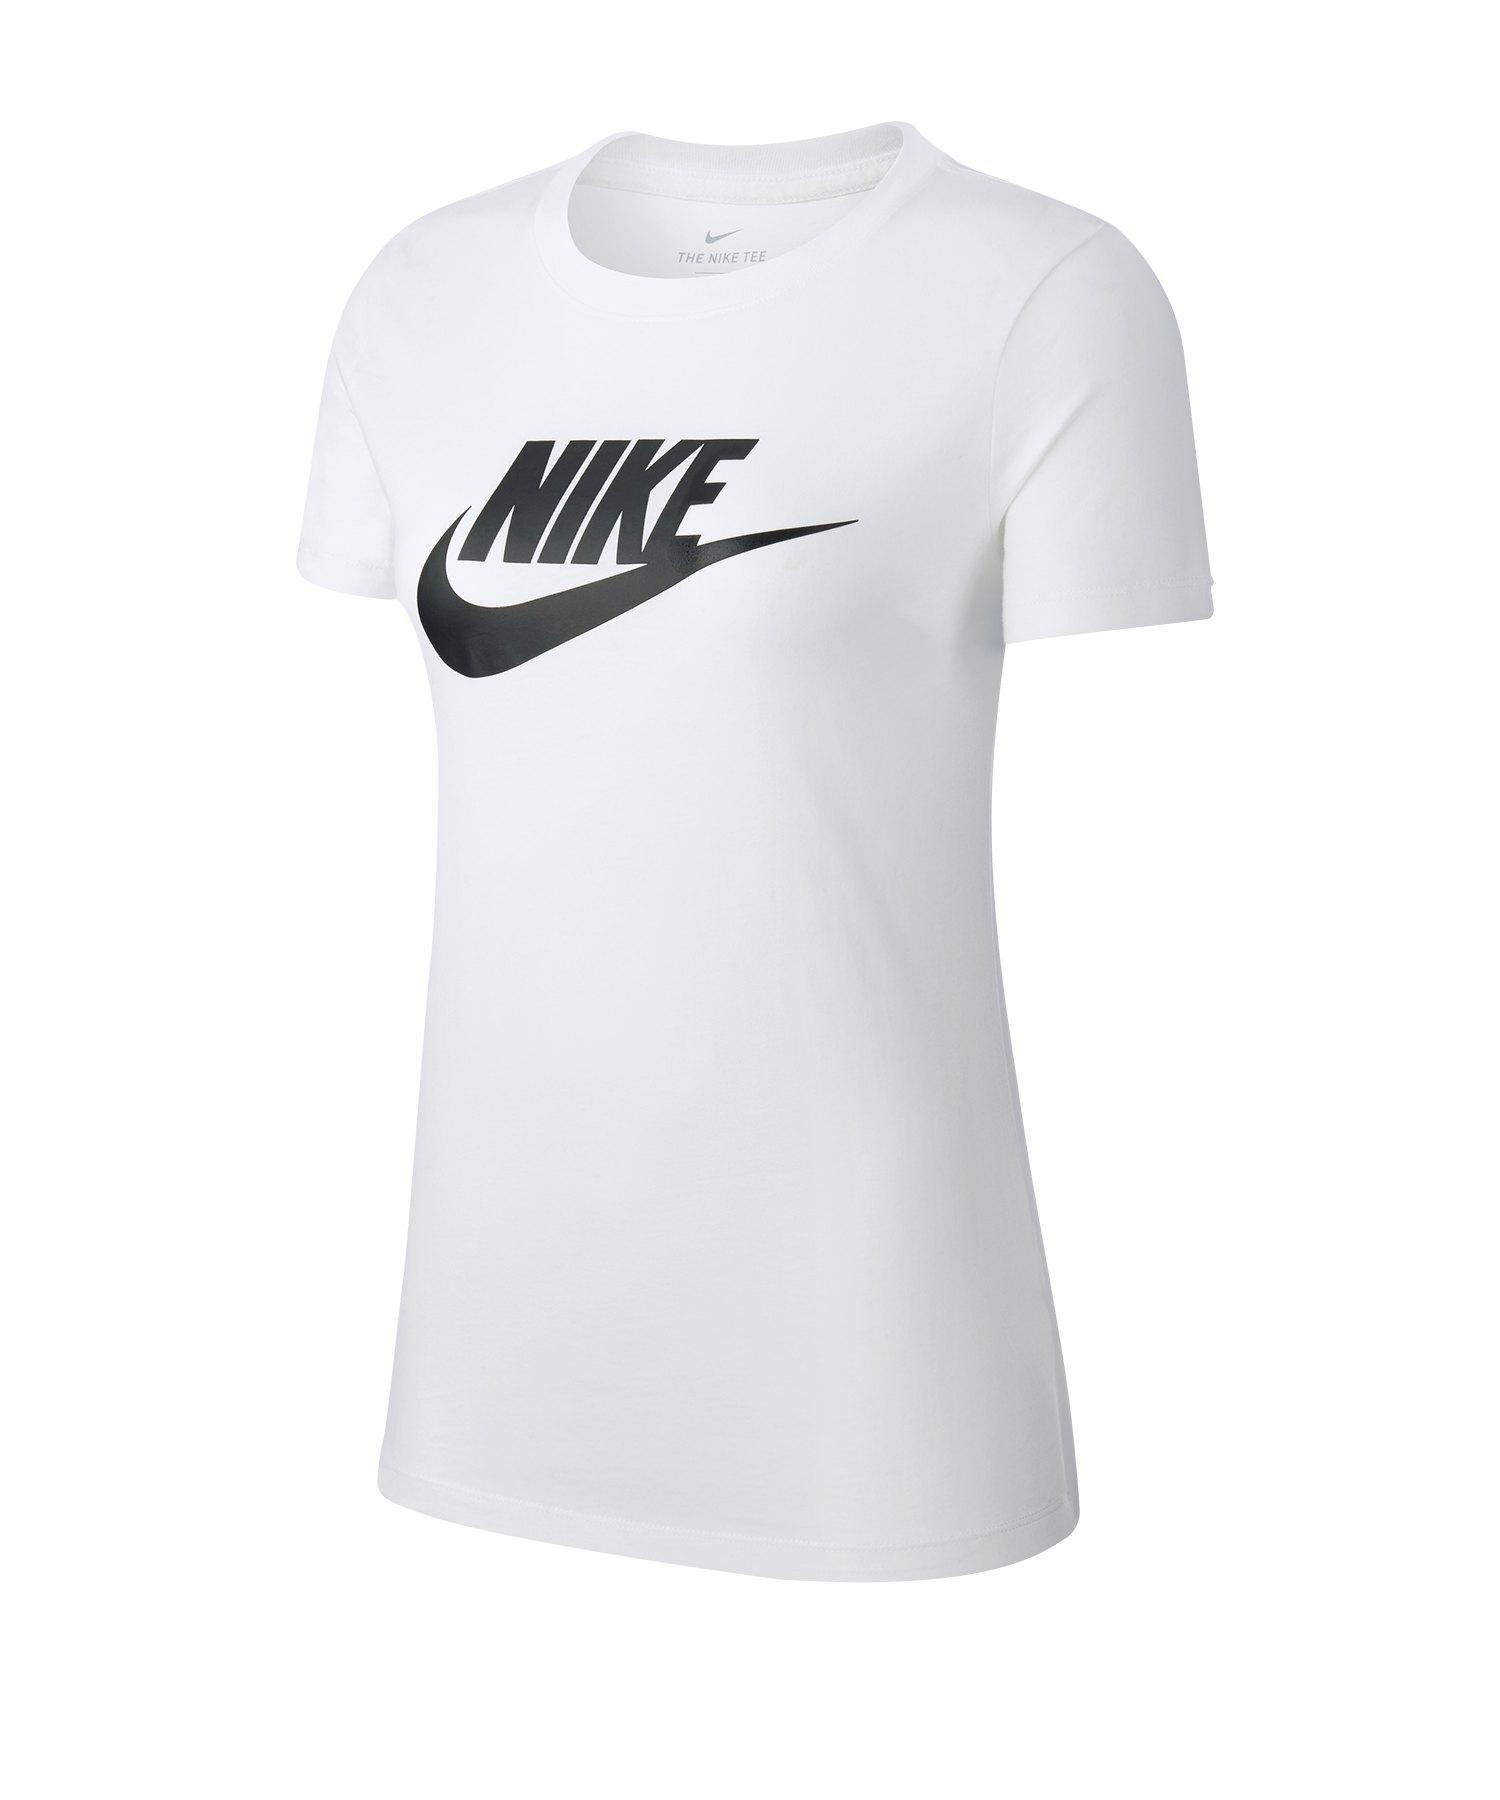 Nike Essential Tee T-Shirt Weiss F100 - weiss